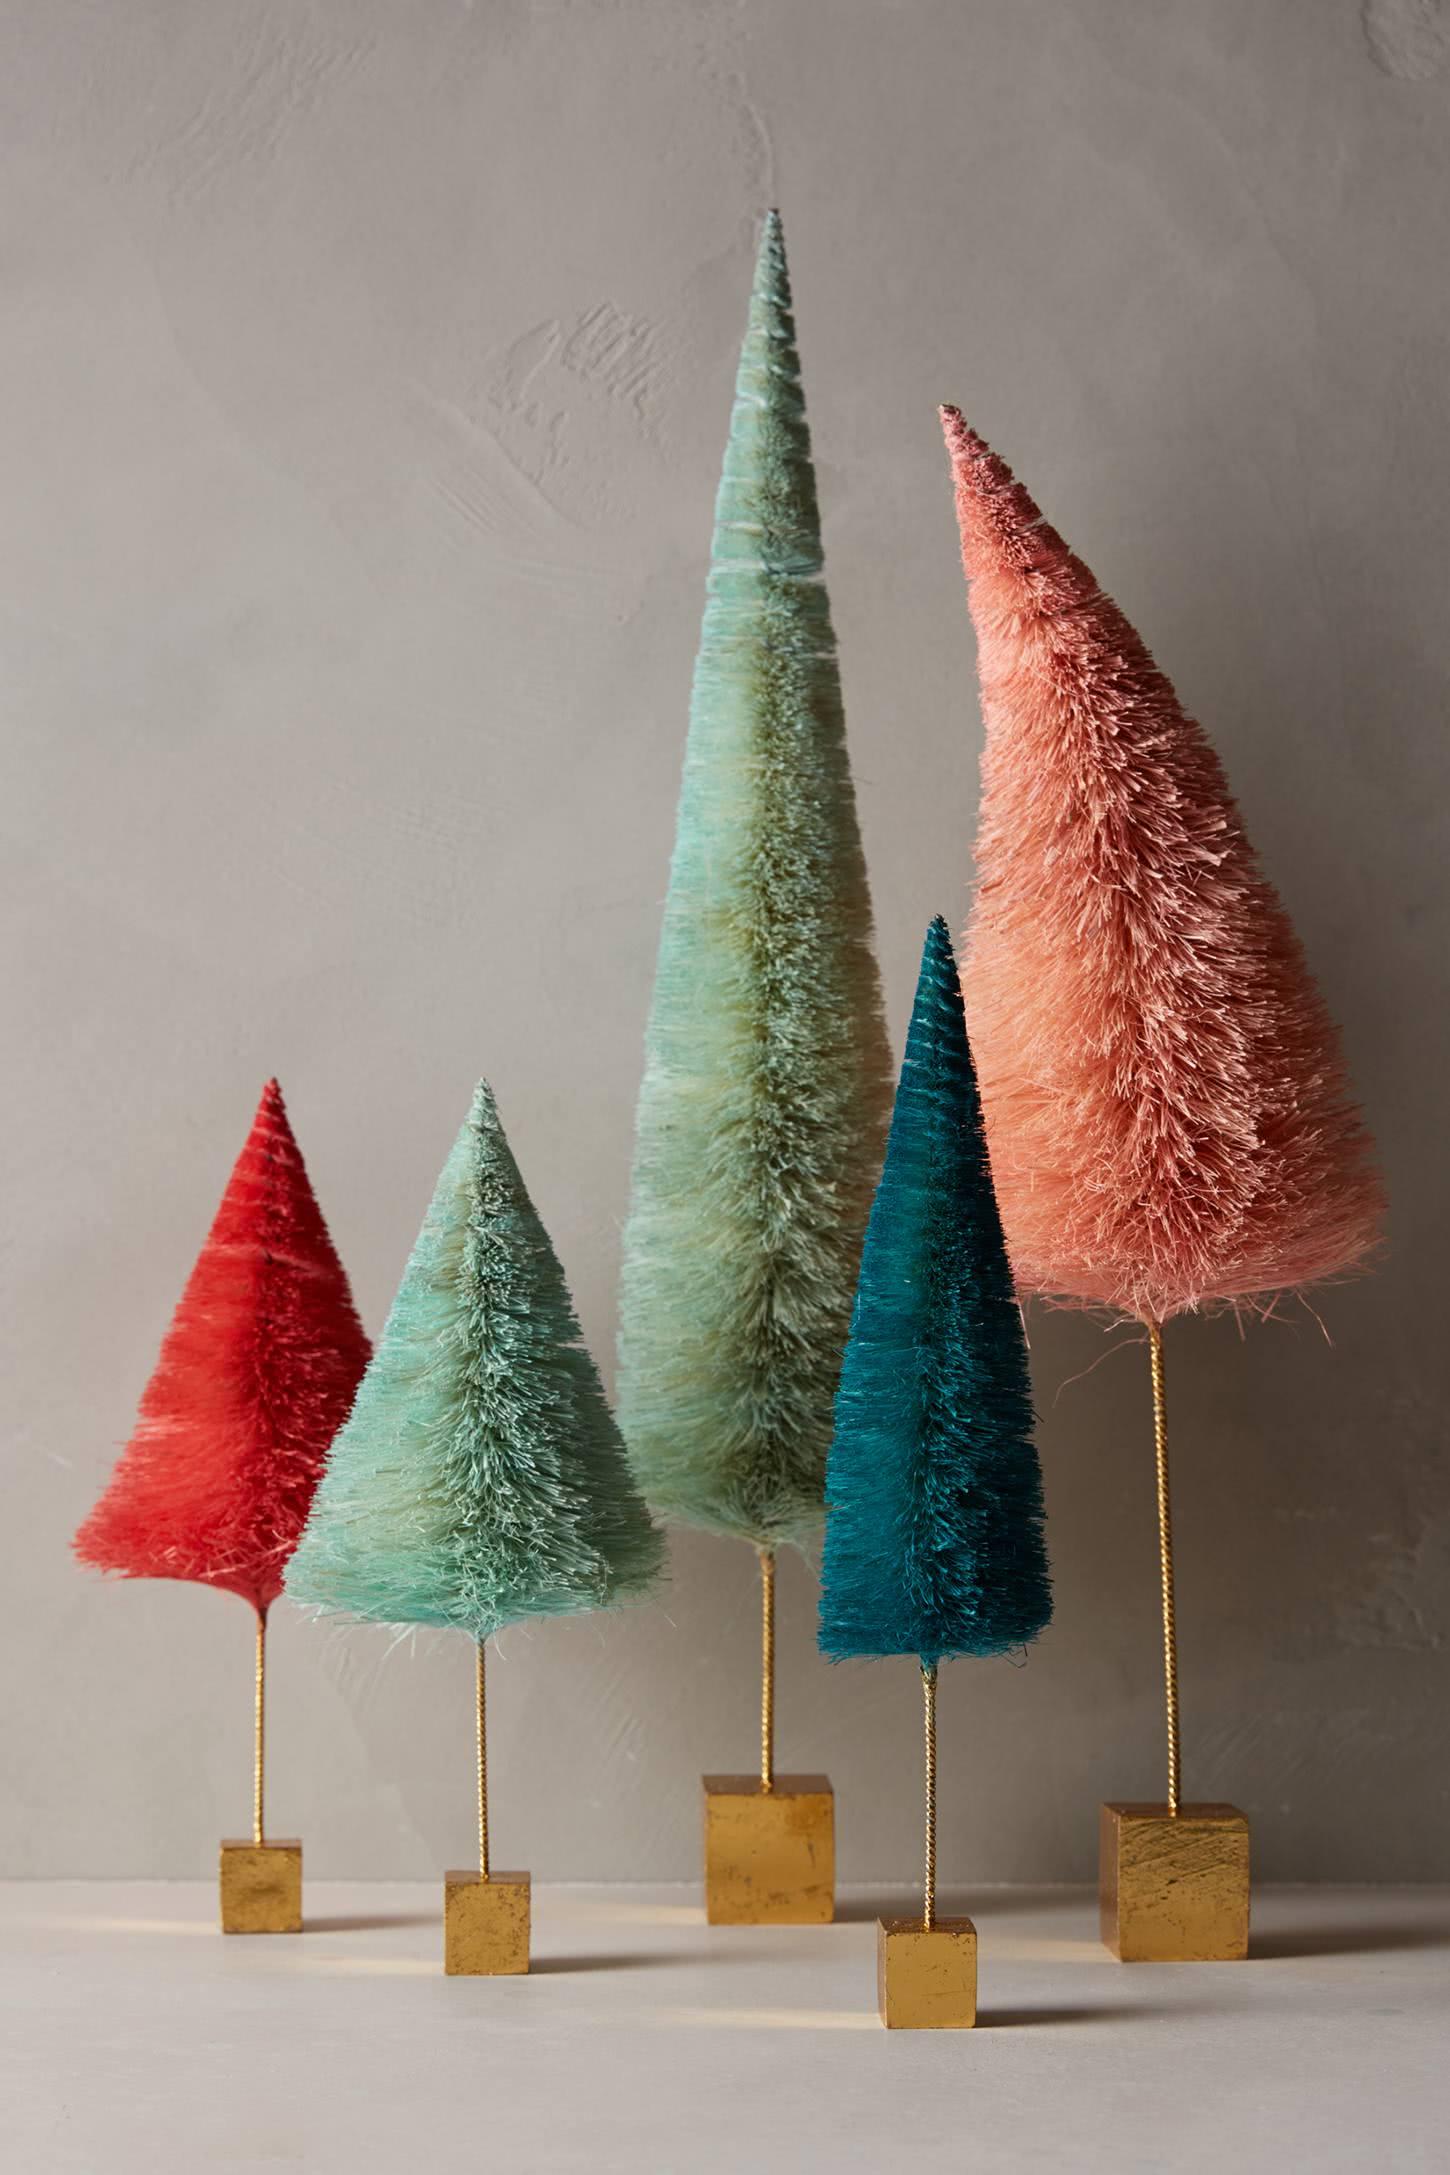 Enfeites em forma de árvore de Natal